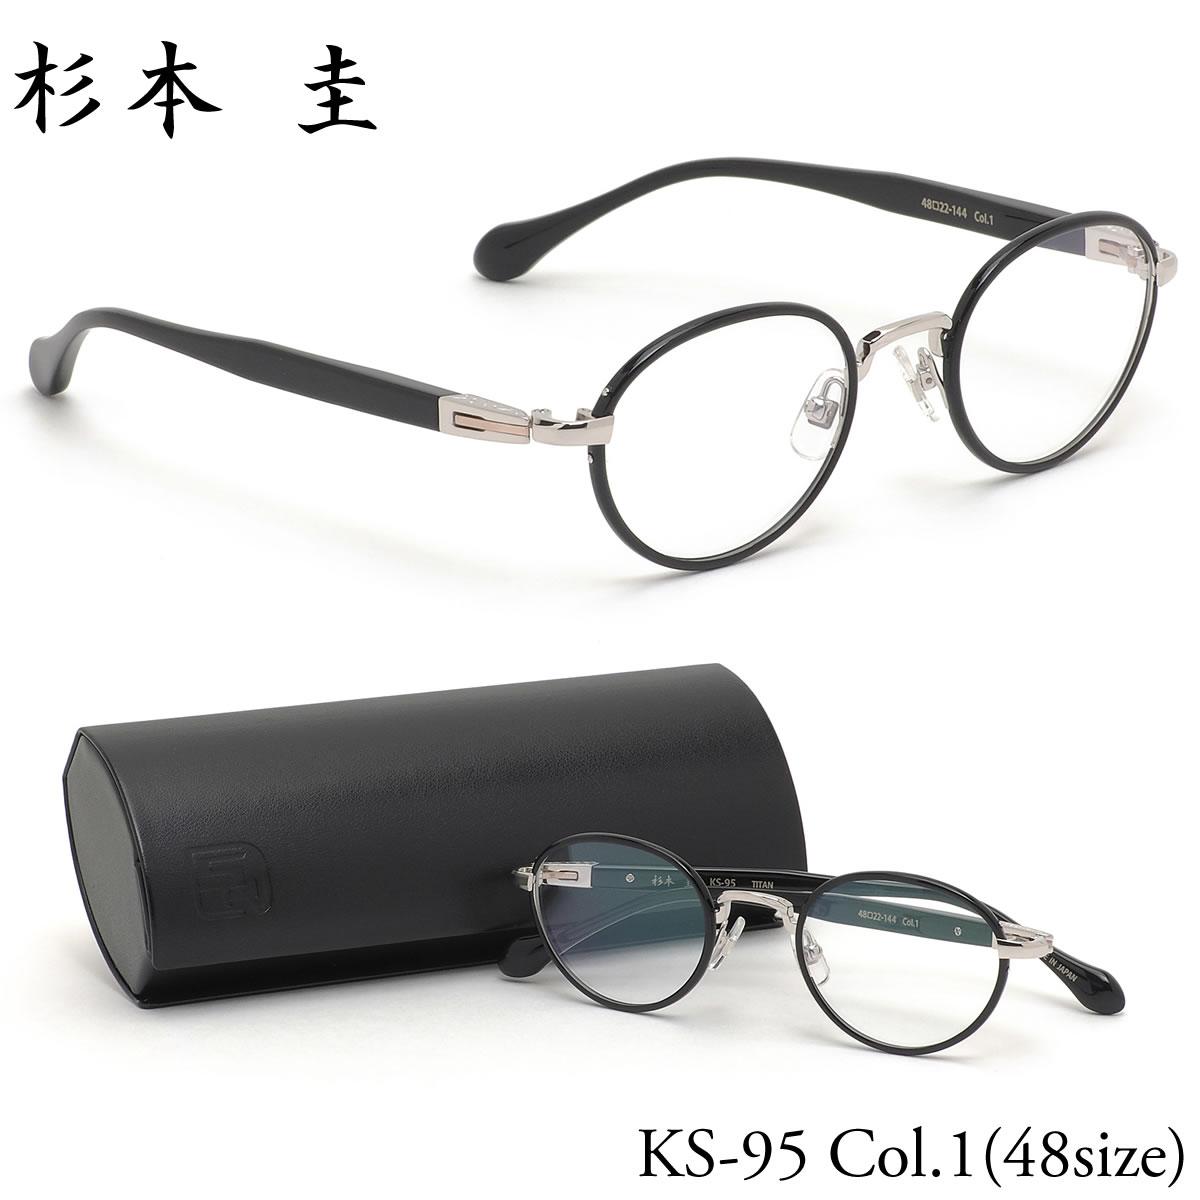 ほぼ全品ポイント15倍~最大43倍+3倍!お得なクーポンも! 【杉本圭】 (スギモトケイ) メガネKS-95 1 48サイズSUGIMOTO KEI 日本製 チタン杉本圭 メンズ レディース